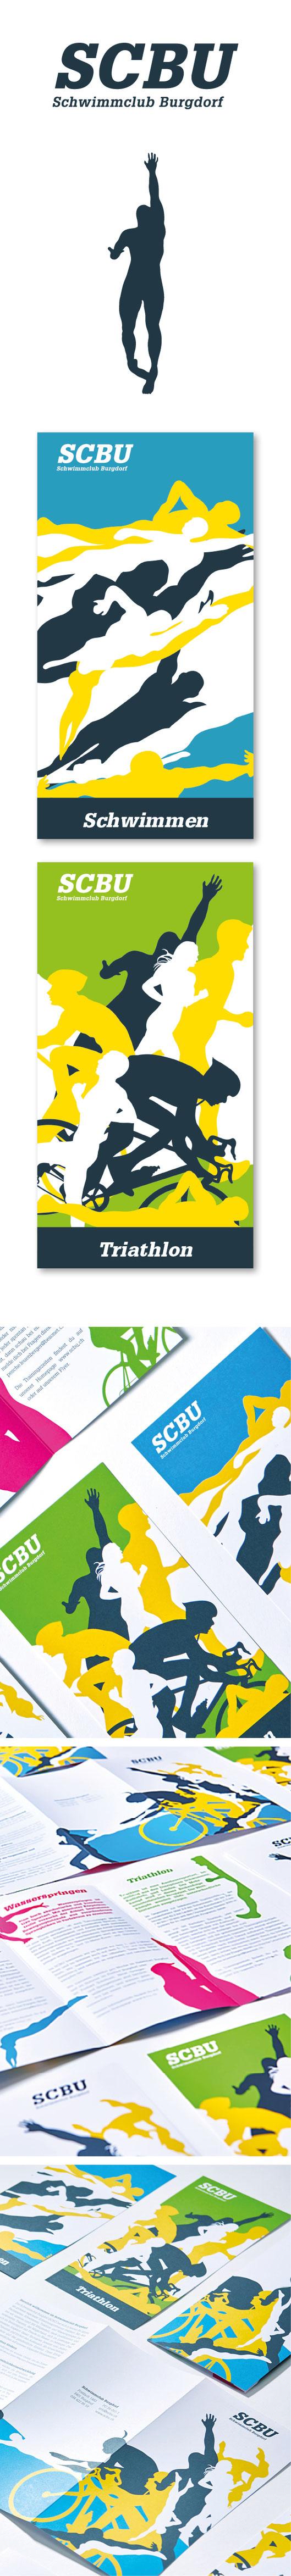 Branding: Prospekt- und Flyergestaltung Schwimmclub Burgdorf  | Layout, Grafik und Illustration by Lockedesign 2015